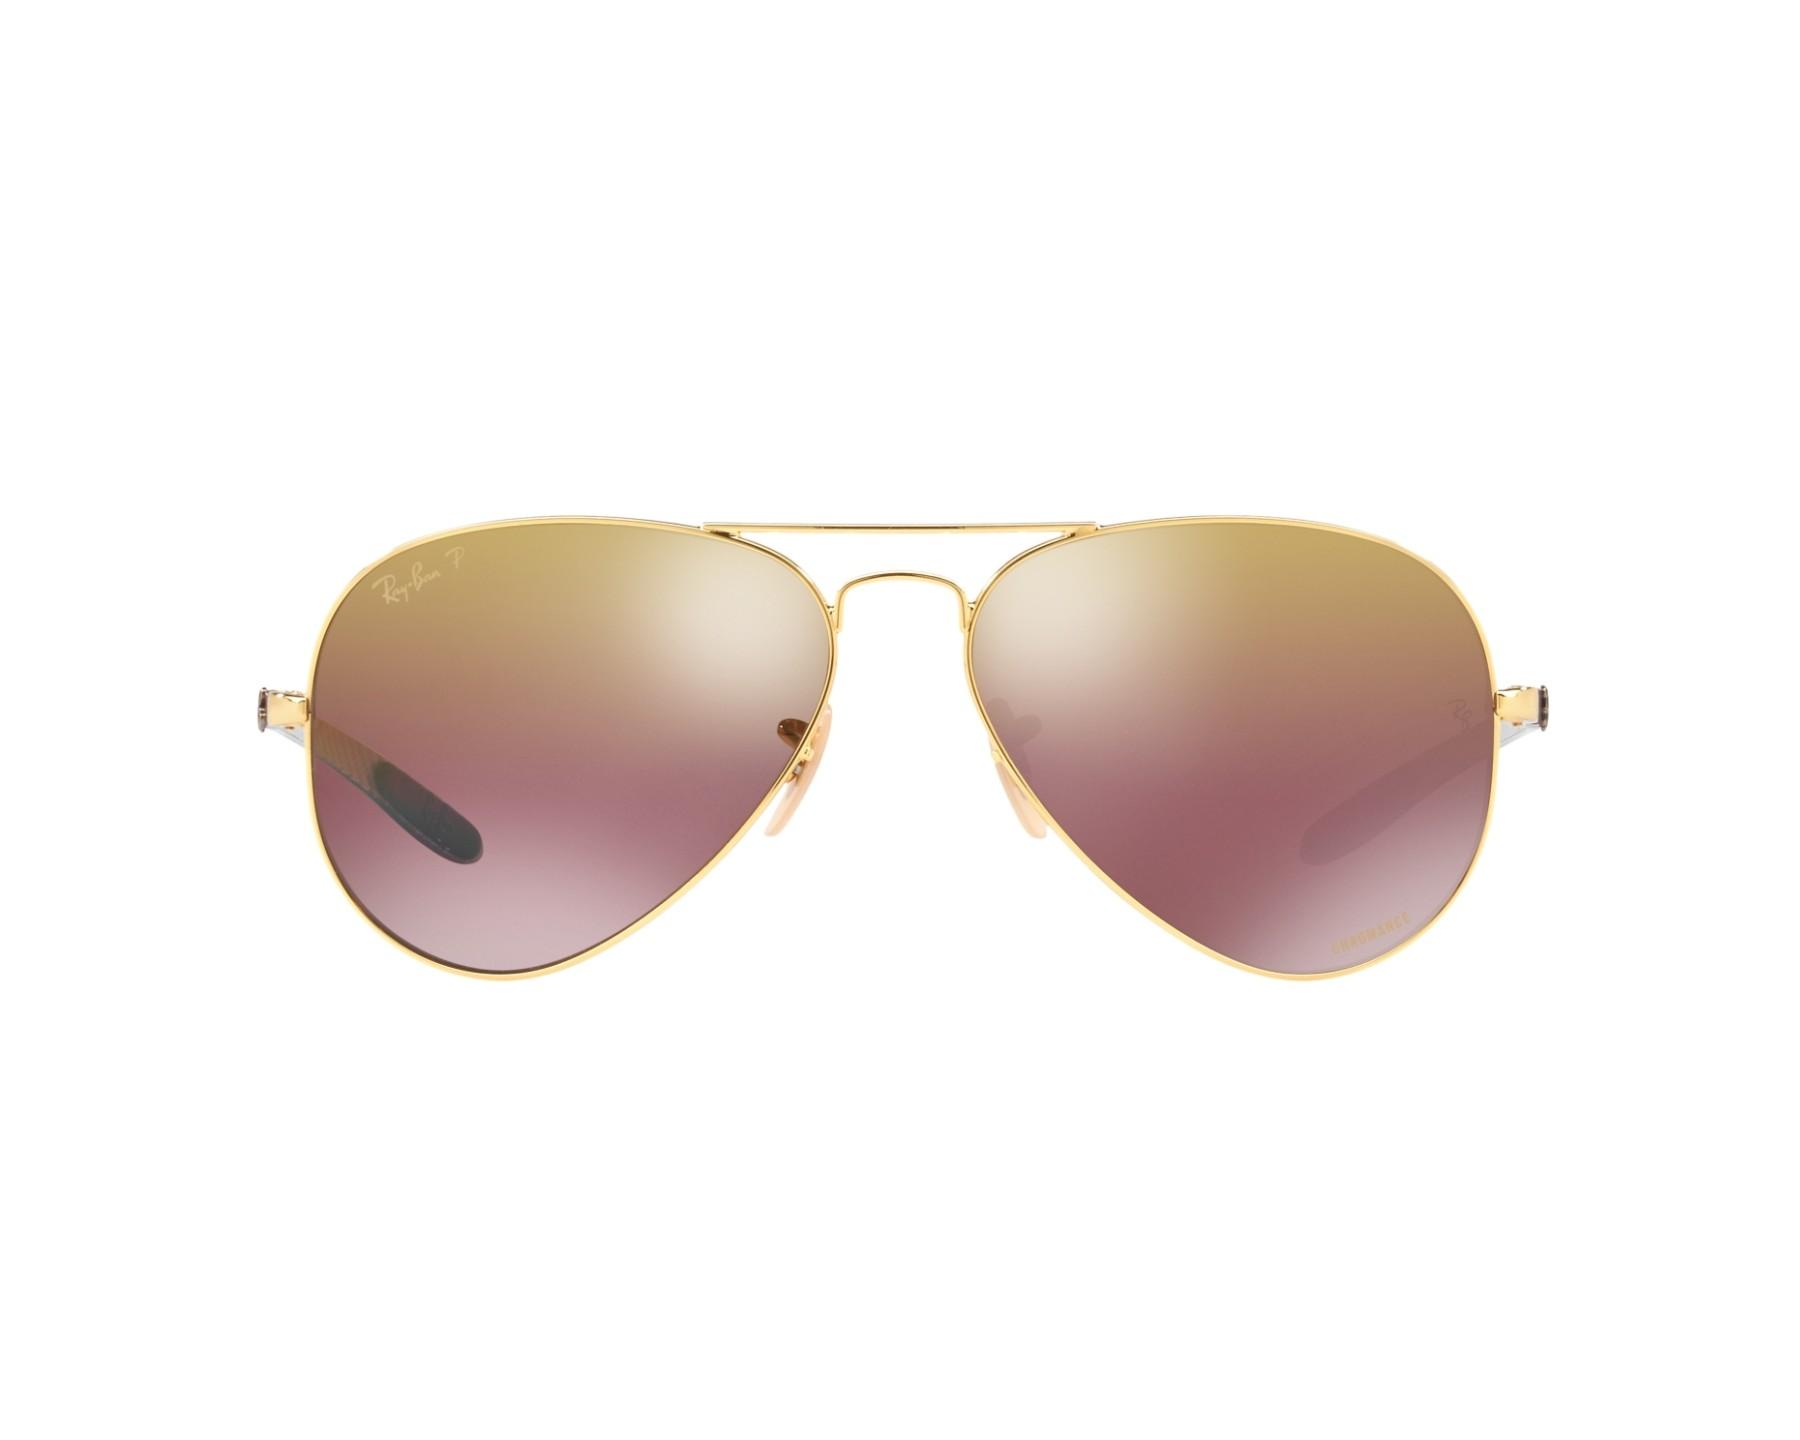 Ray-Ban Sonnenbrille RB-8317-CH 001/6B gold - Gläser: braunfarben ...